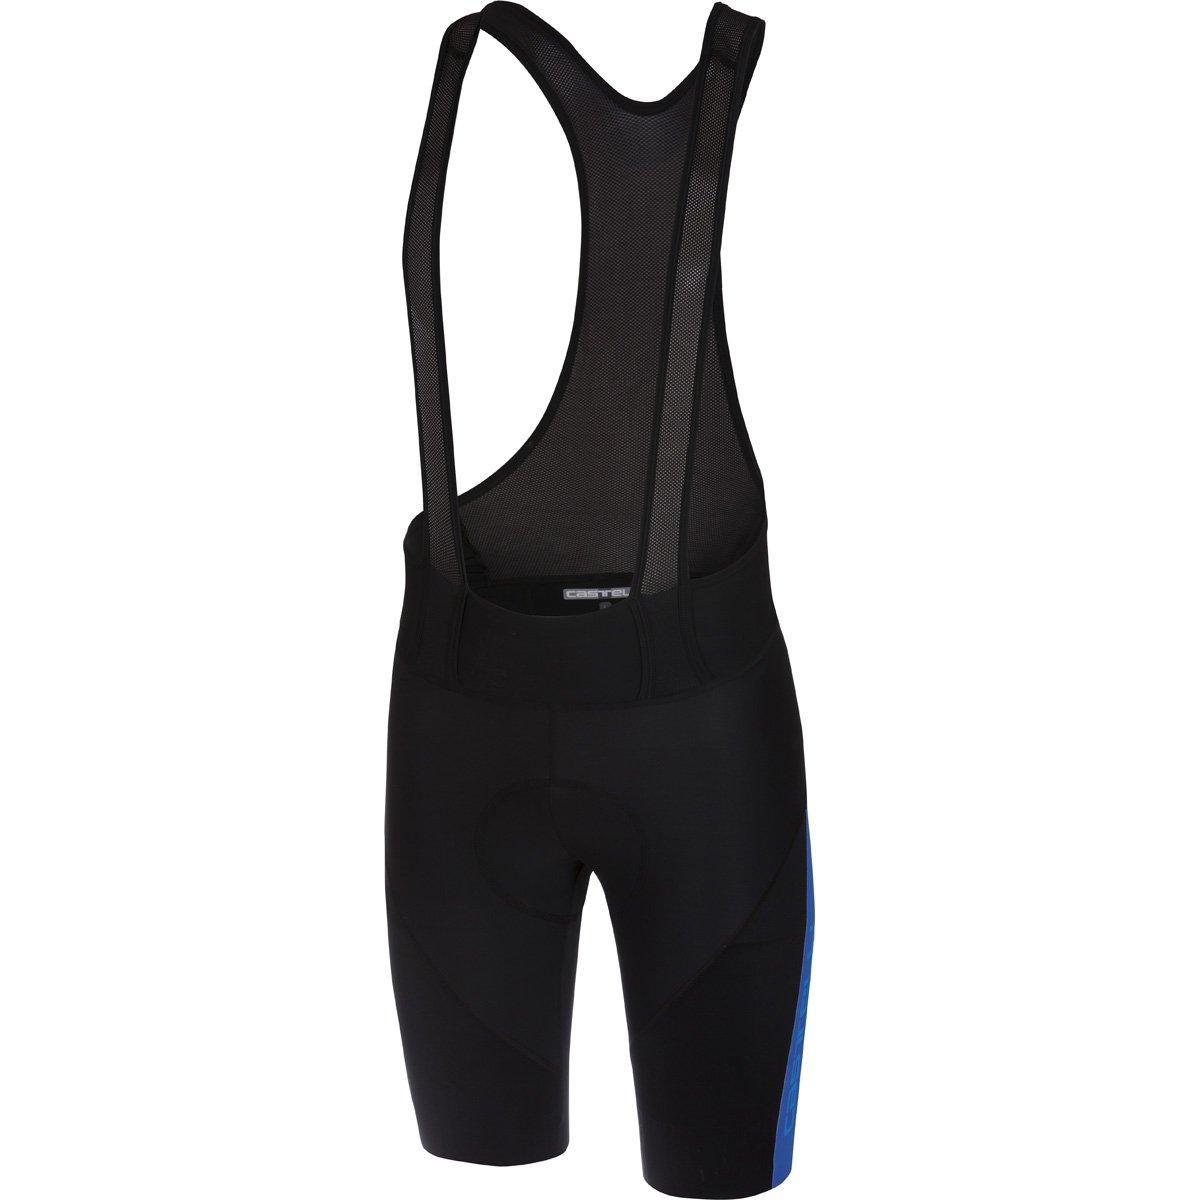 Castelli APPAREL メンズ B079RH6YFF XX-Large|black/surf blue black/surf blue XX-Large